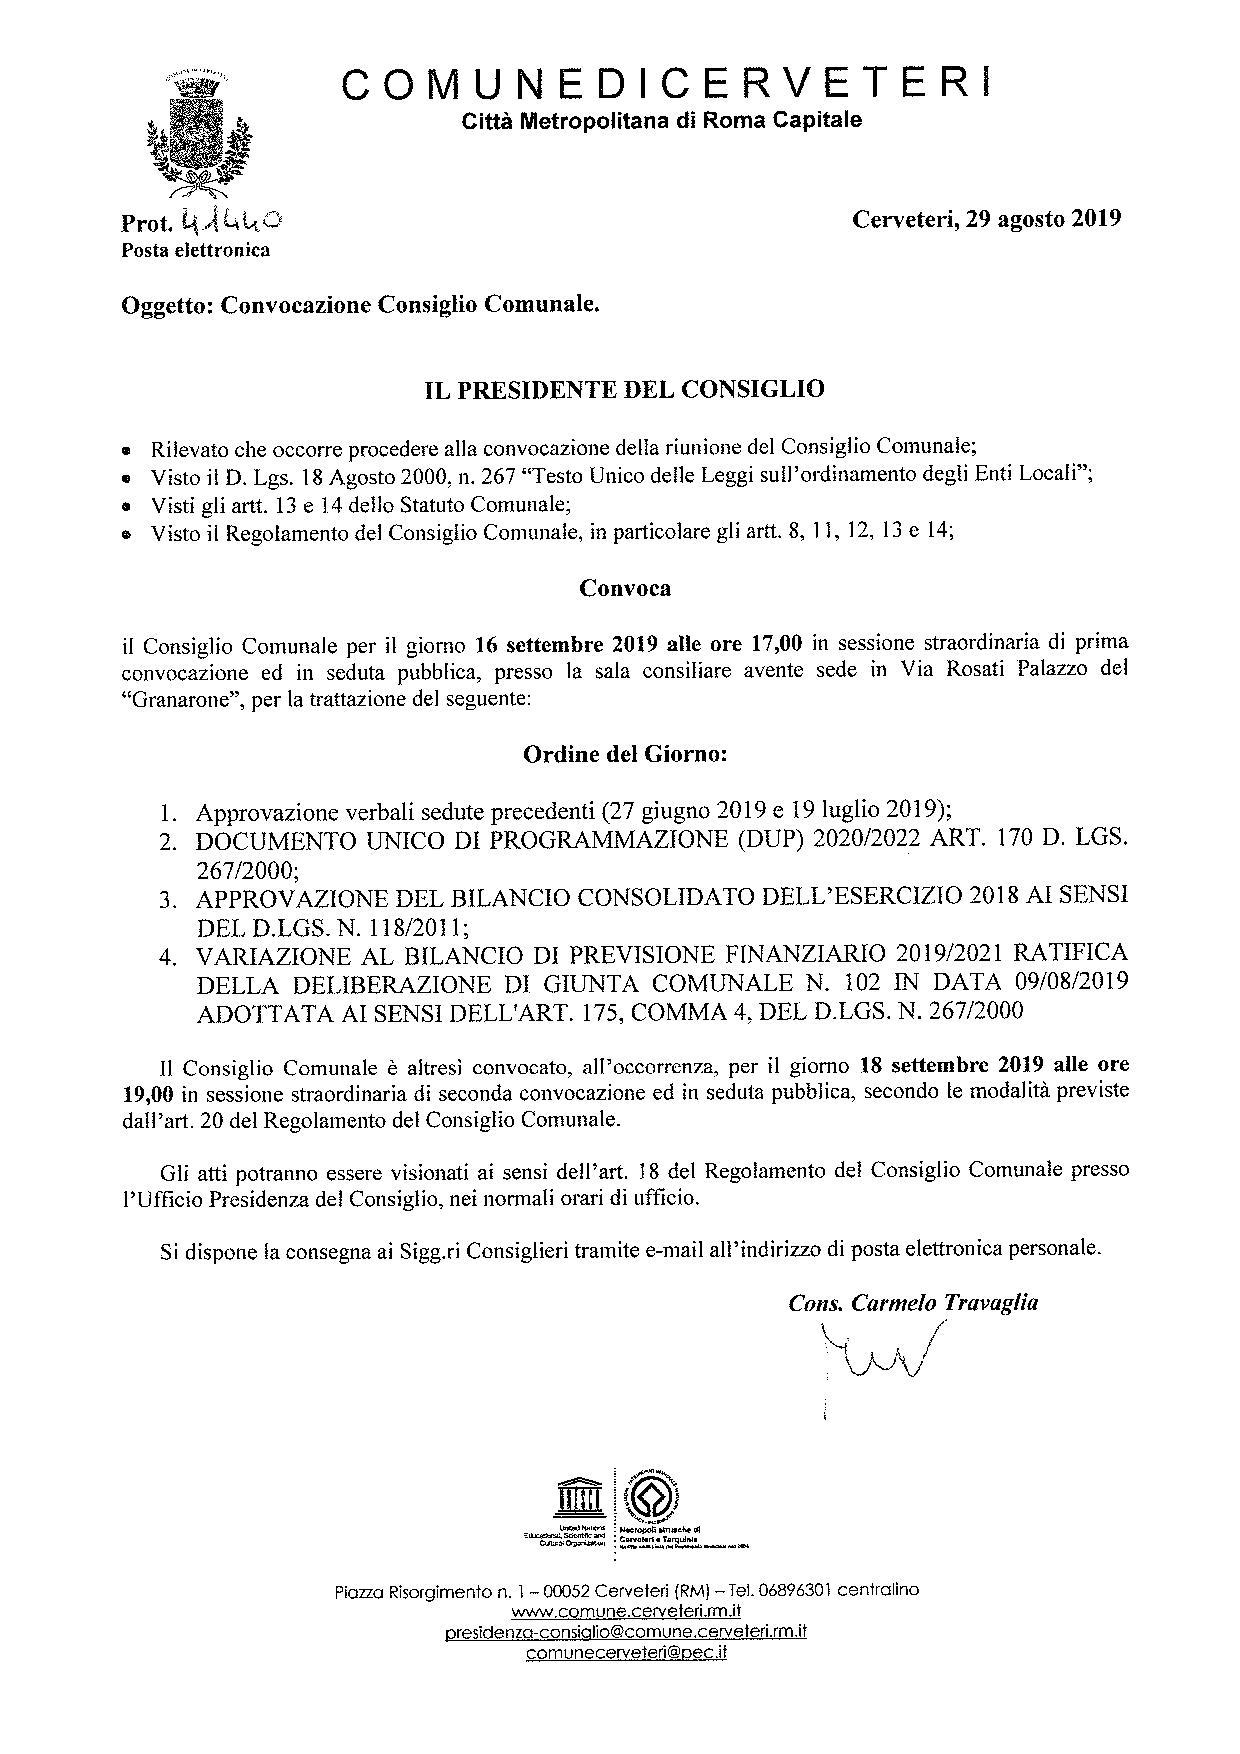 Convocazione del Consiglio Comunale del 16/09/2019